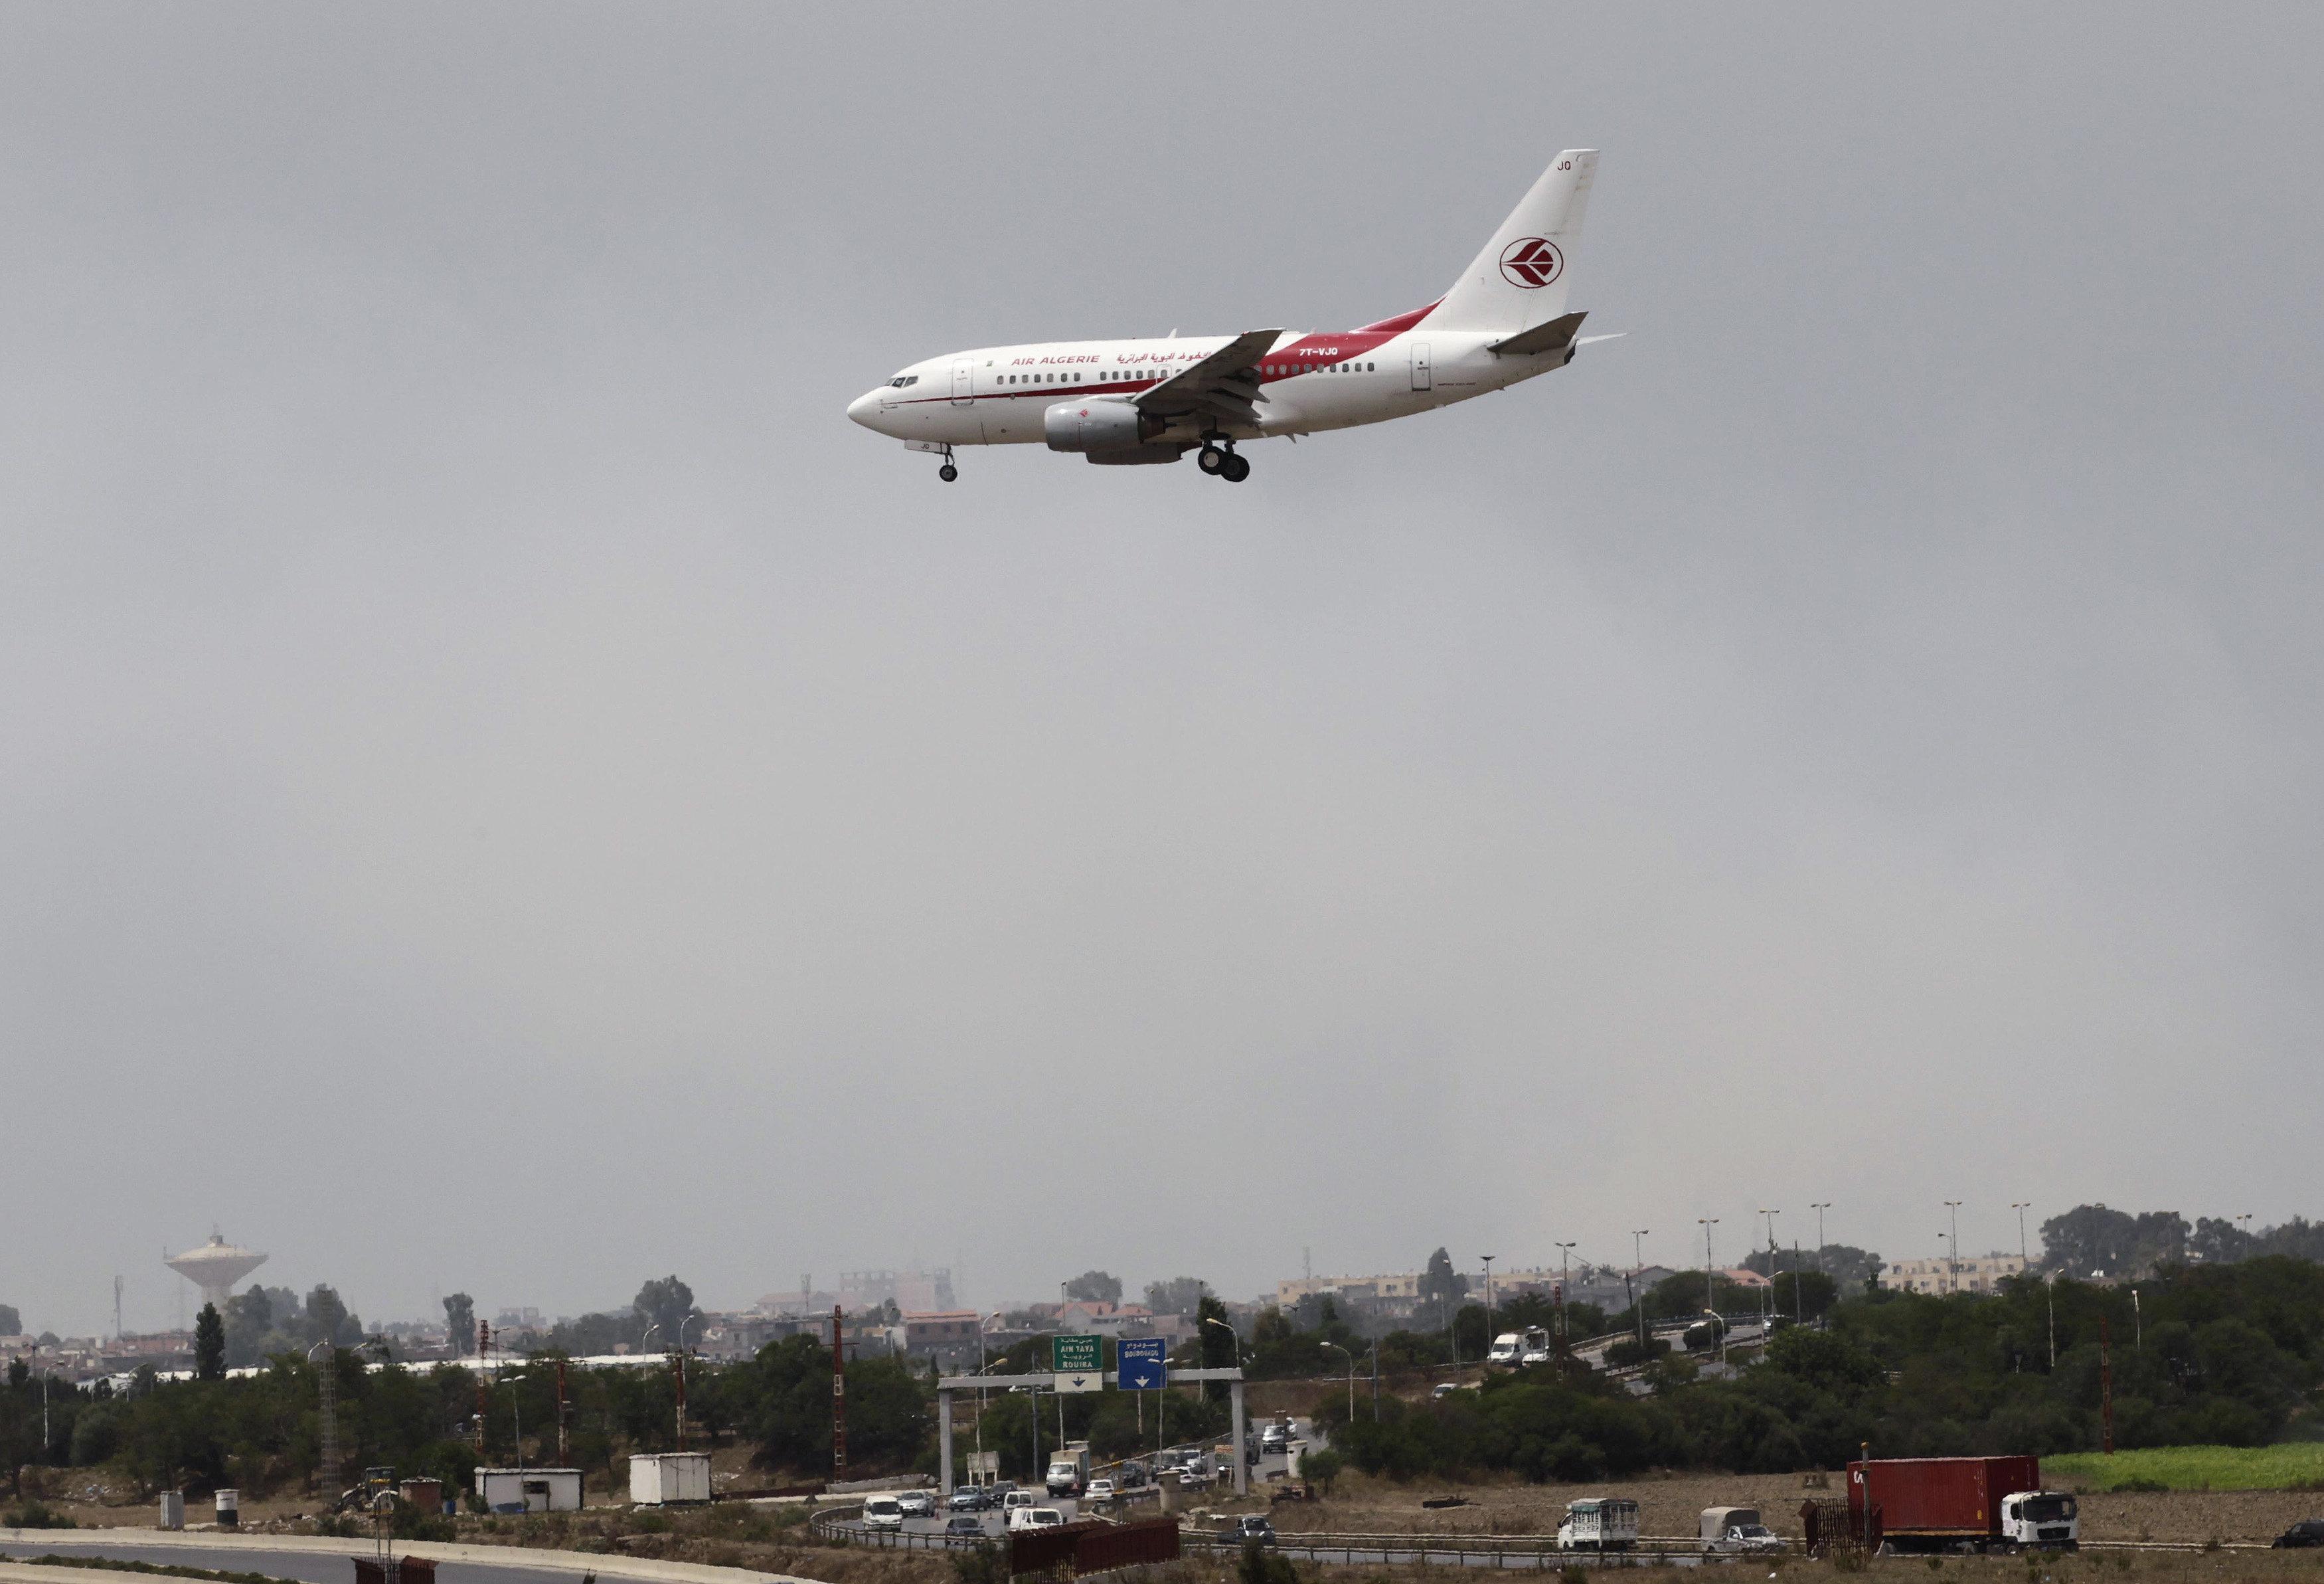 Des vols vers Alger déroutés vers d'autres aéroports en raison d'un épais